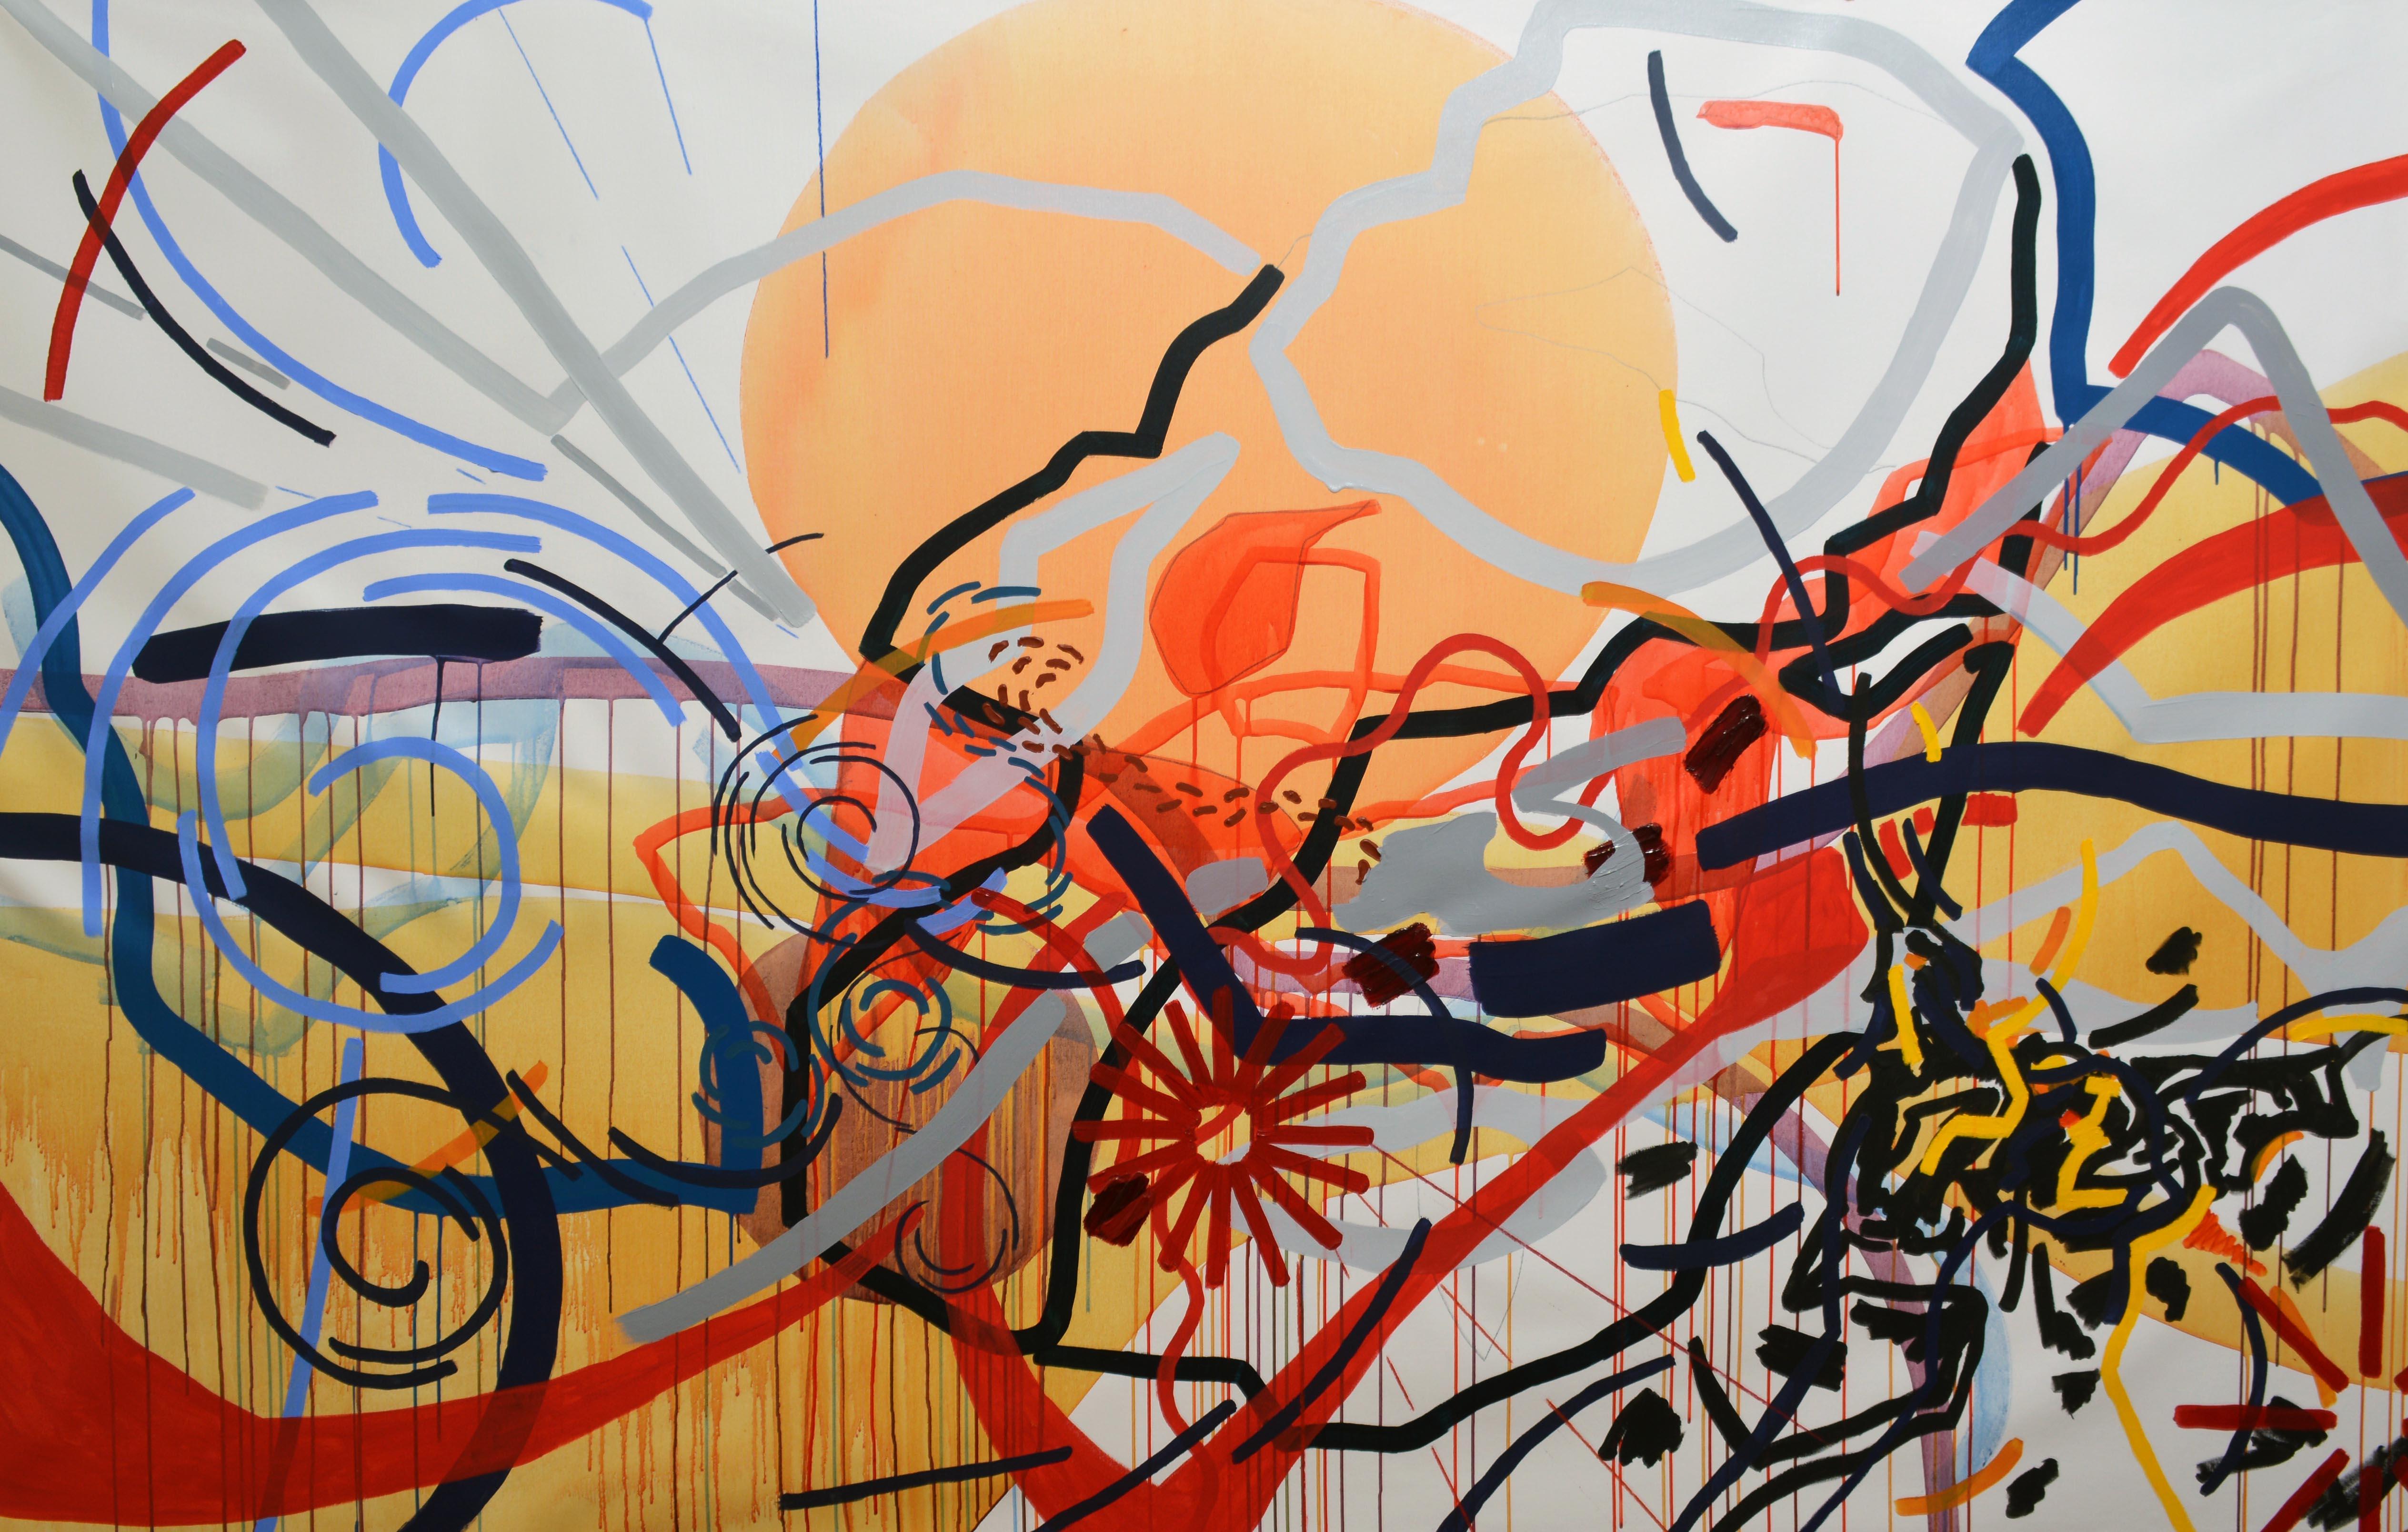 Juliana Gontijo, Ponto de transição, Carvão, lápis de cor, óleo e acrílica sobre tela, 140 x 220 cm, 2021